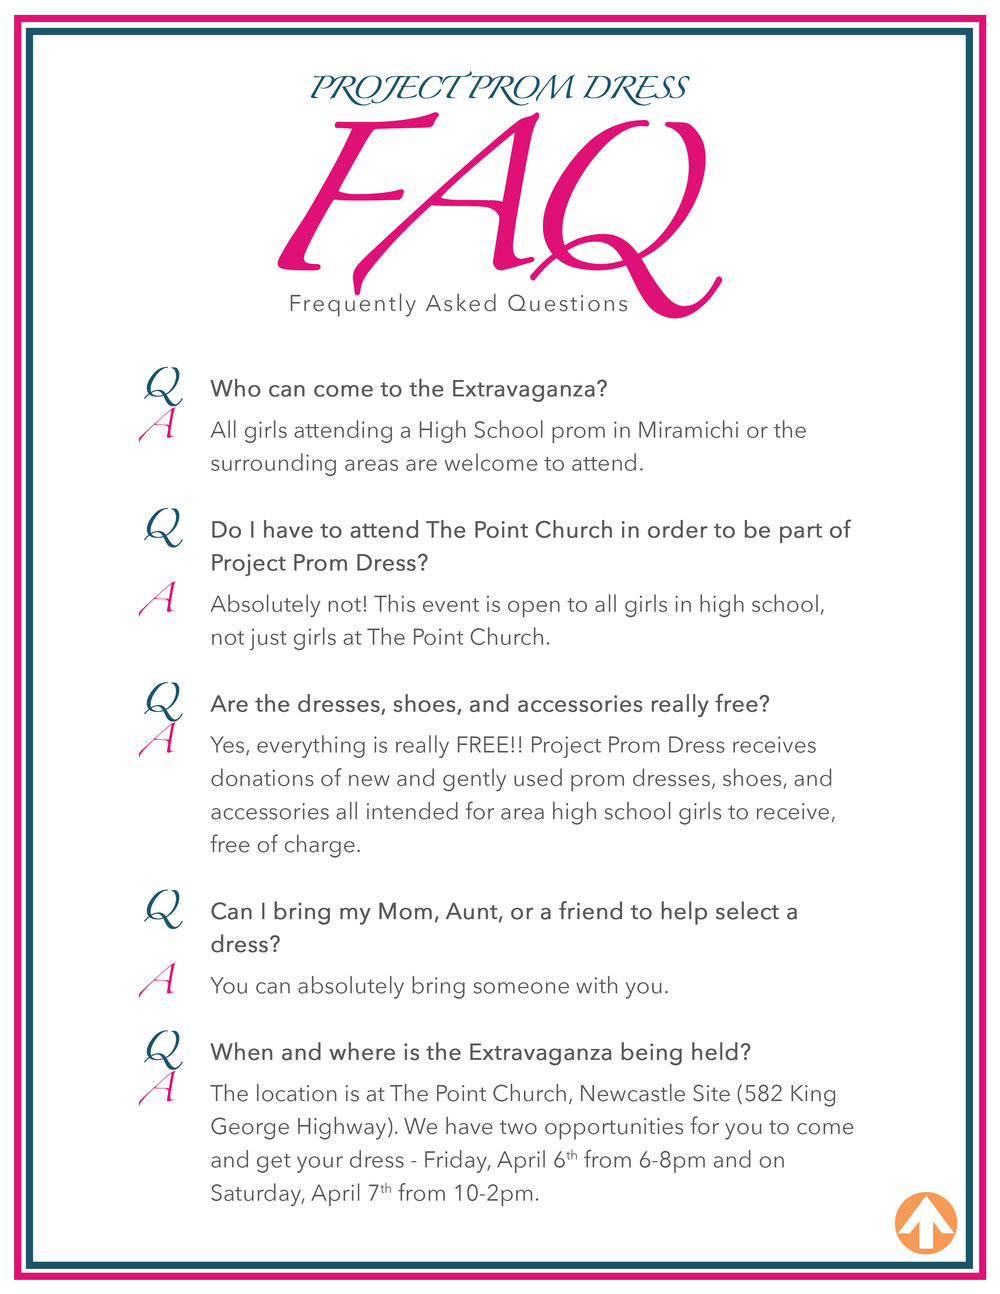 Project Prom Dress FAQ.jpg